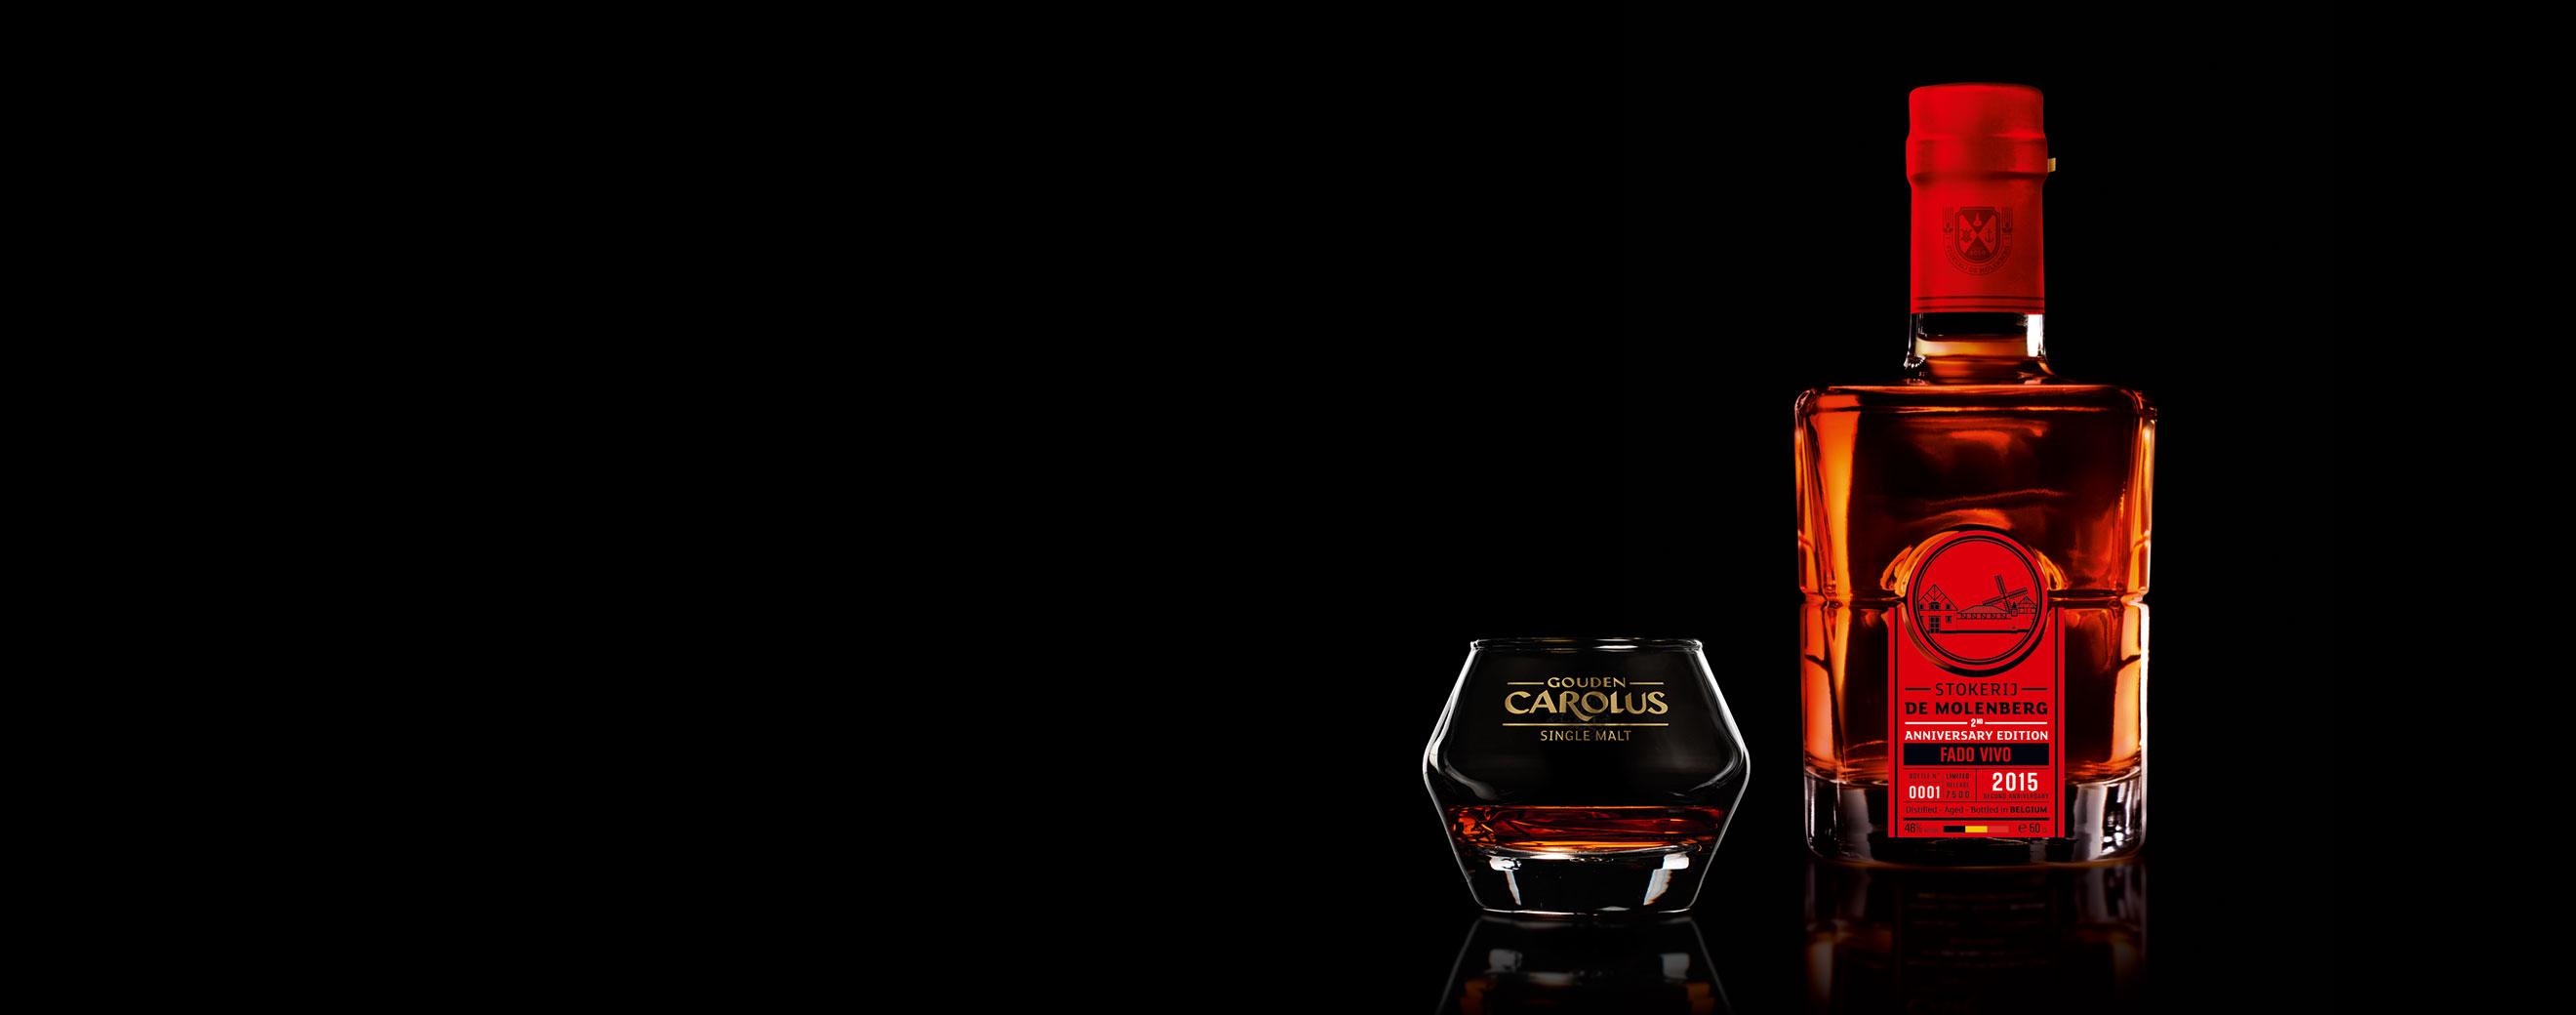 Fado Vivo 2015 Whisky Stokerij De Molenberg